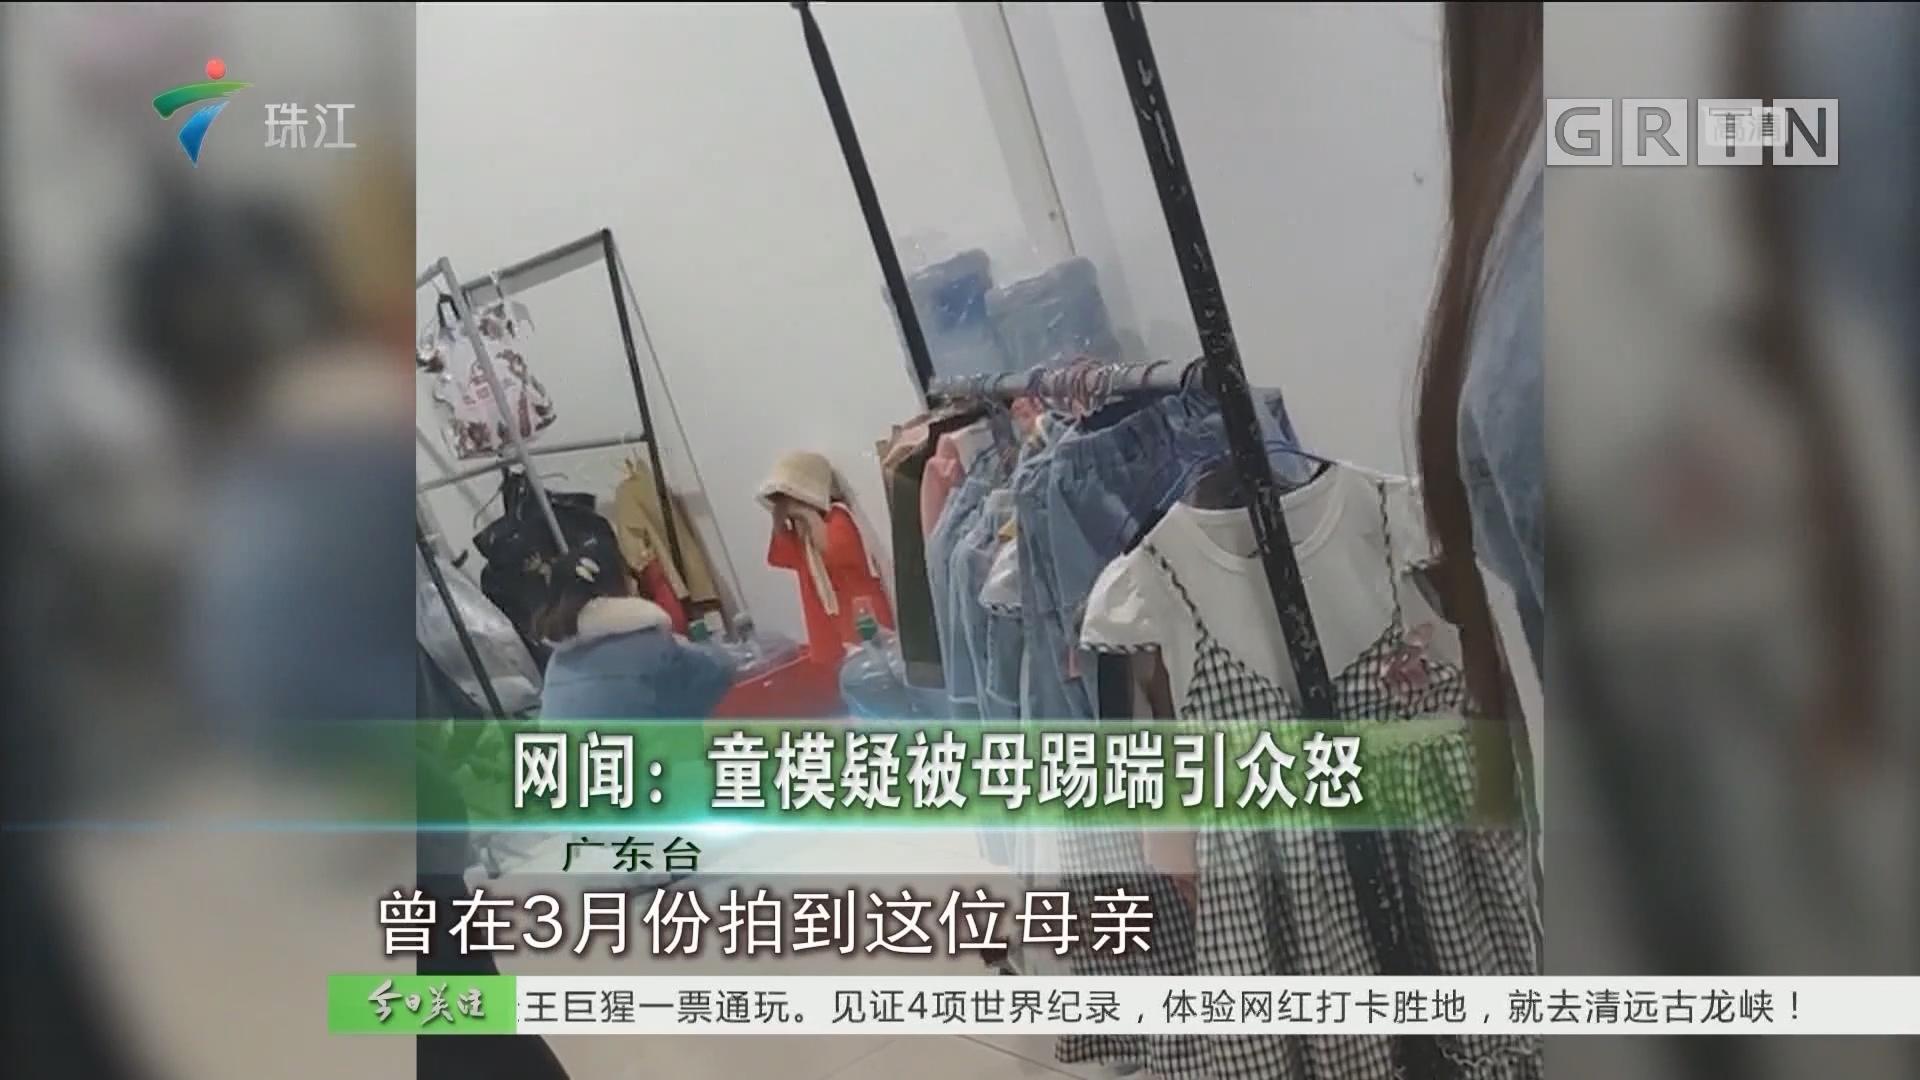 網聞:童模疑被母踢踹引眾怒